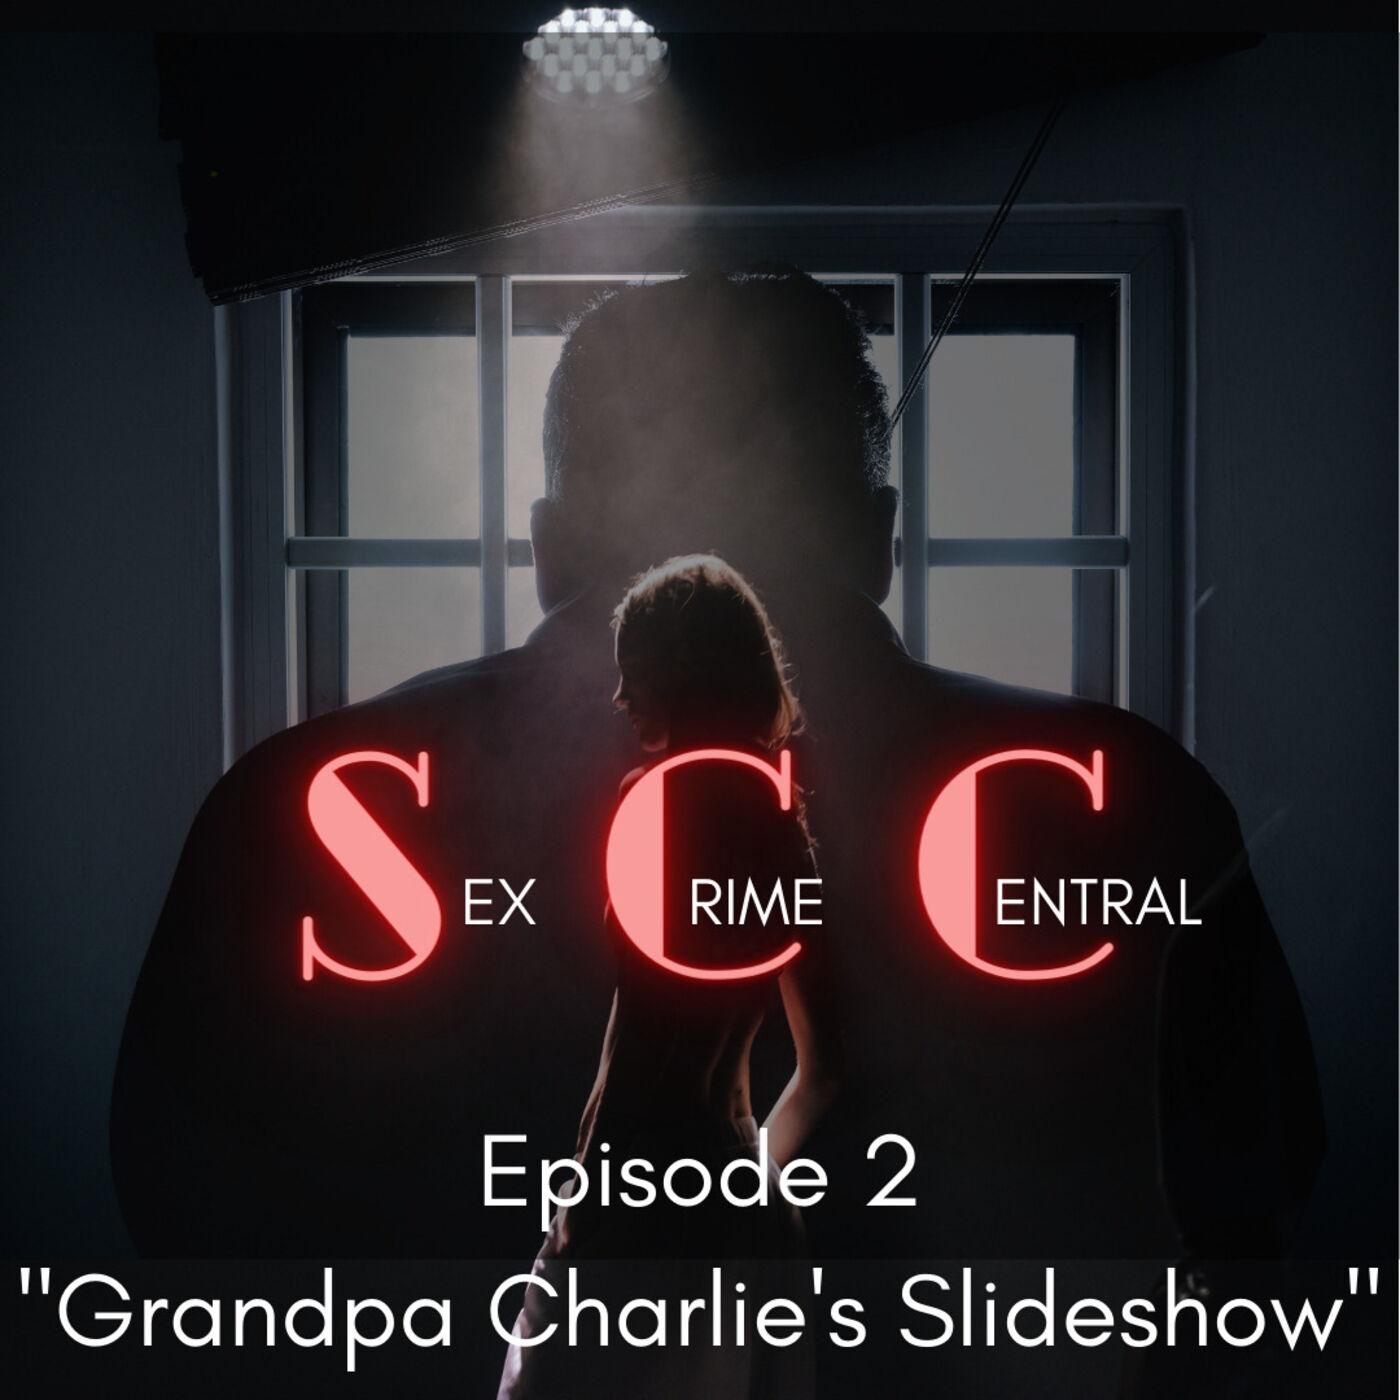 Grandpa Charlie's Slideshow